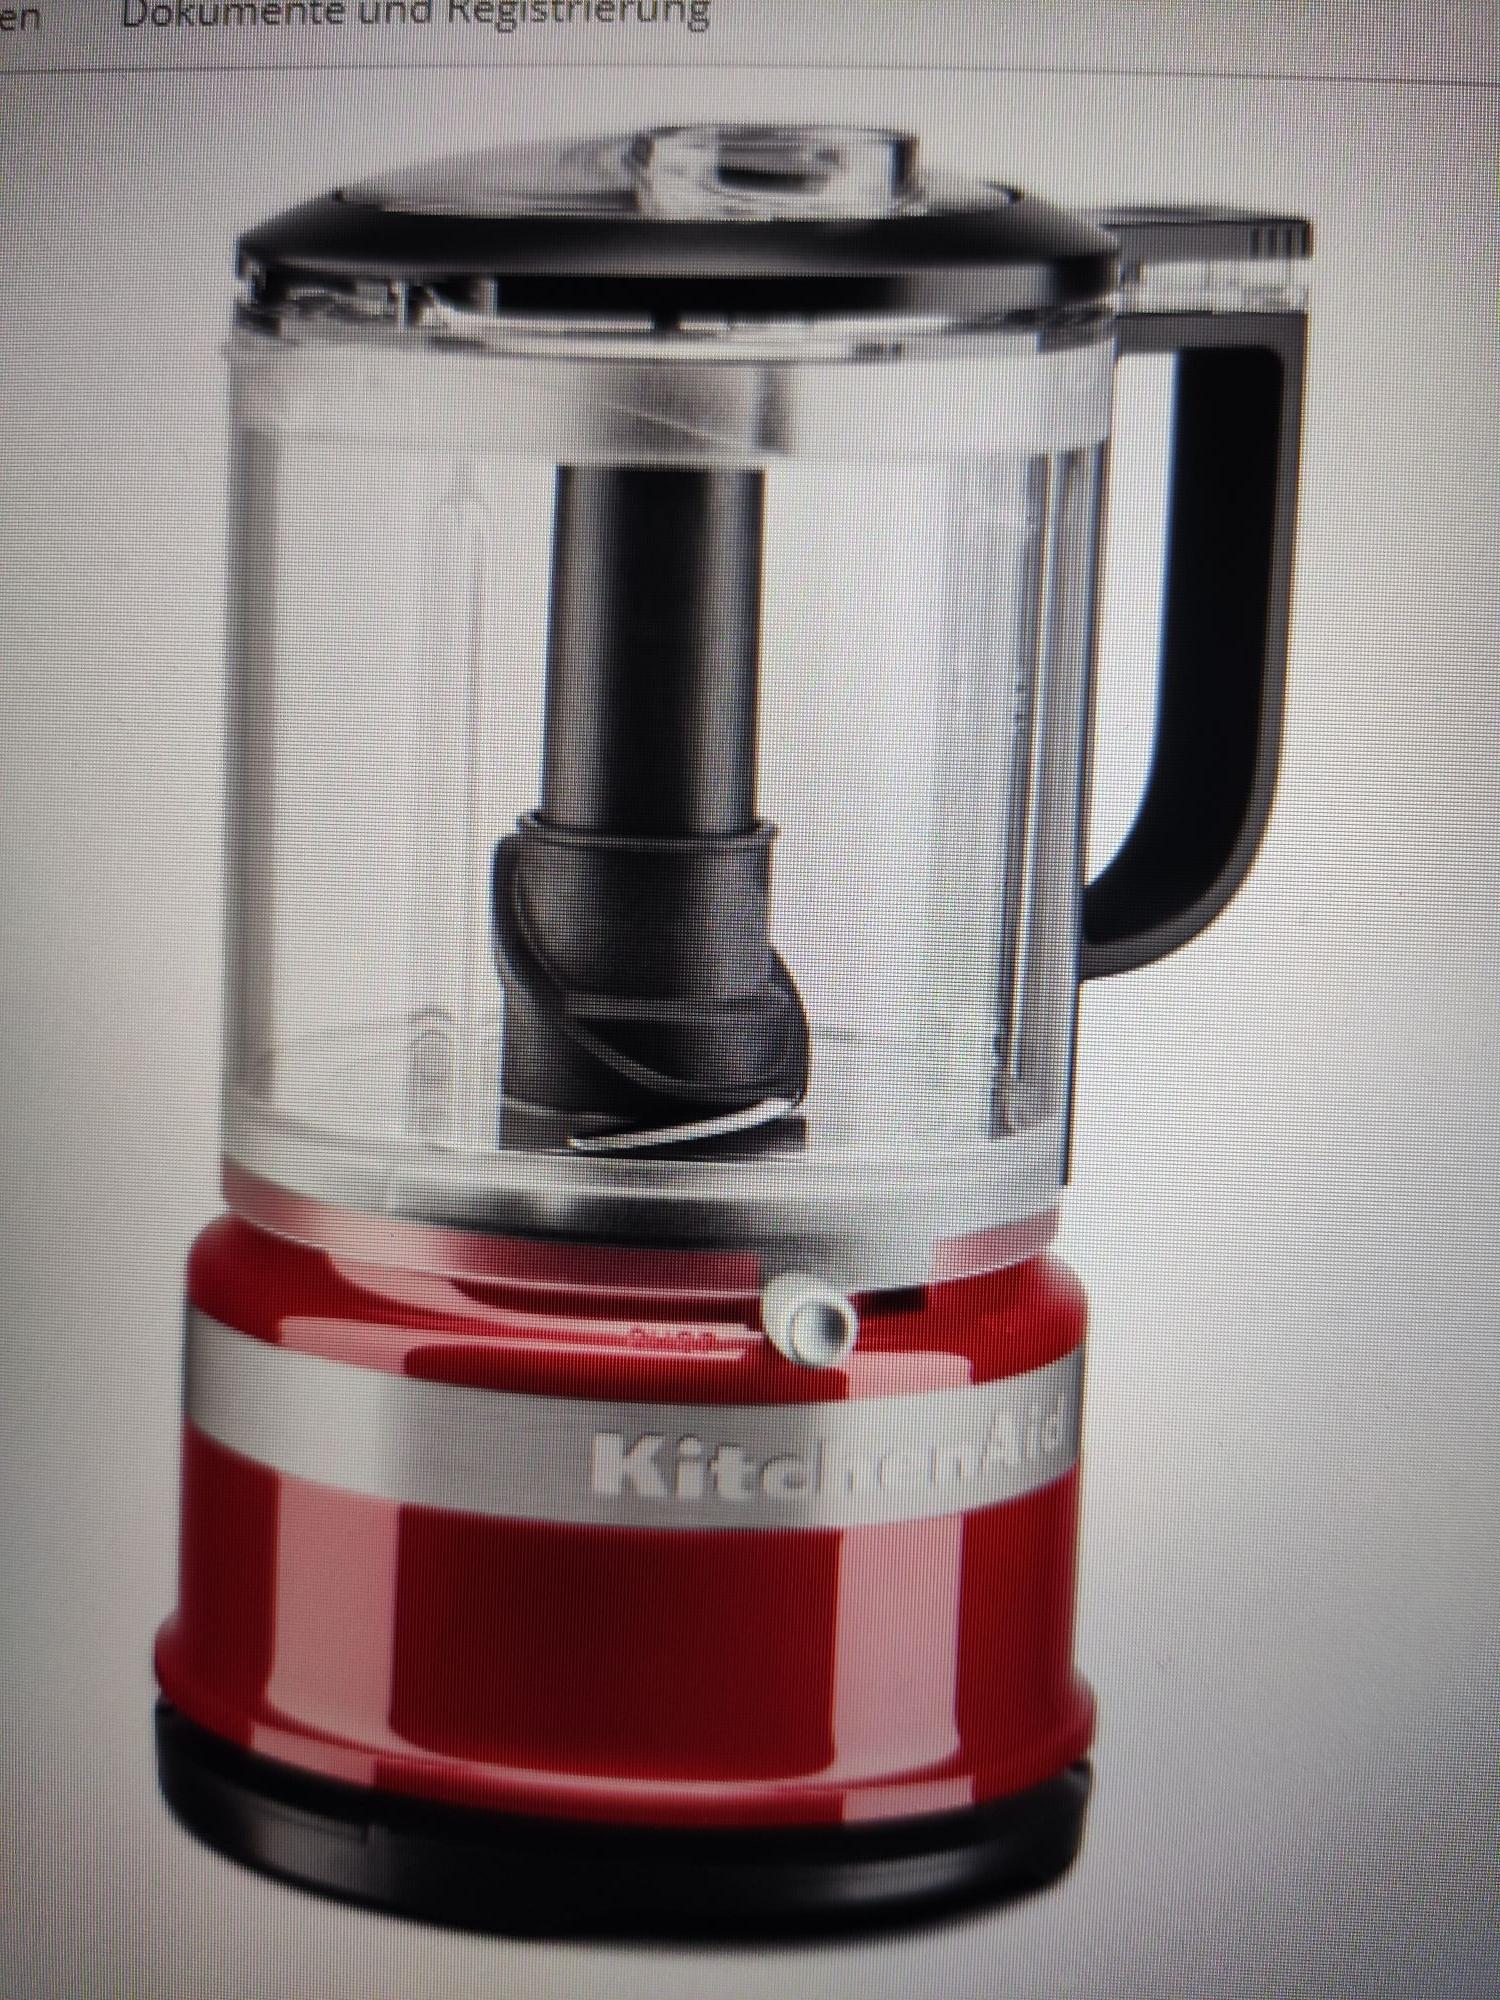 KitchenAid Food Processor 1,19 Liter